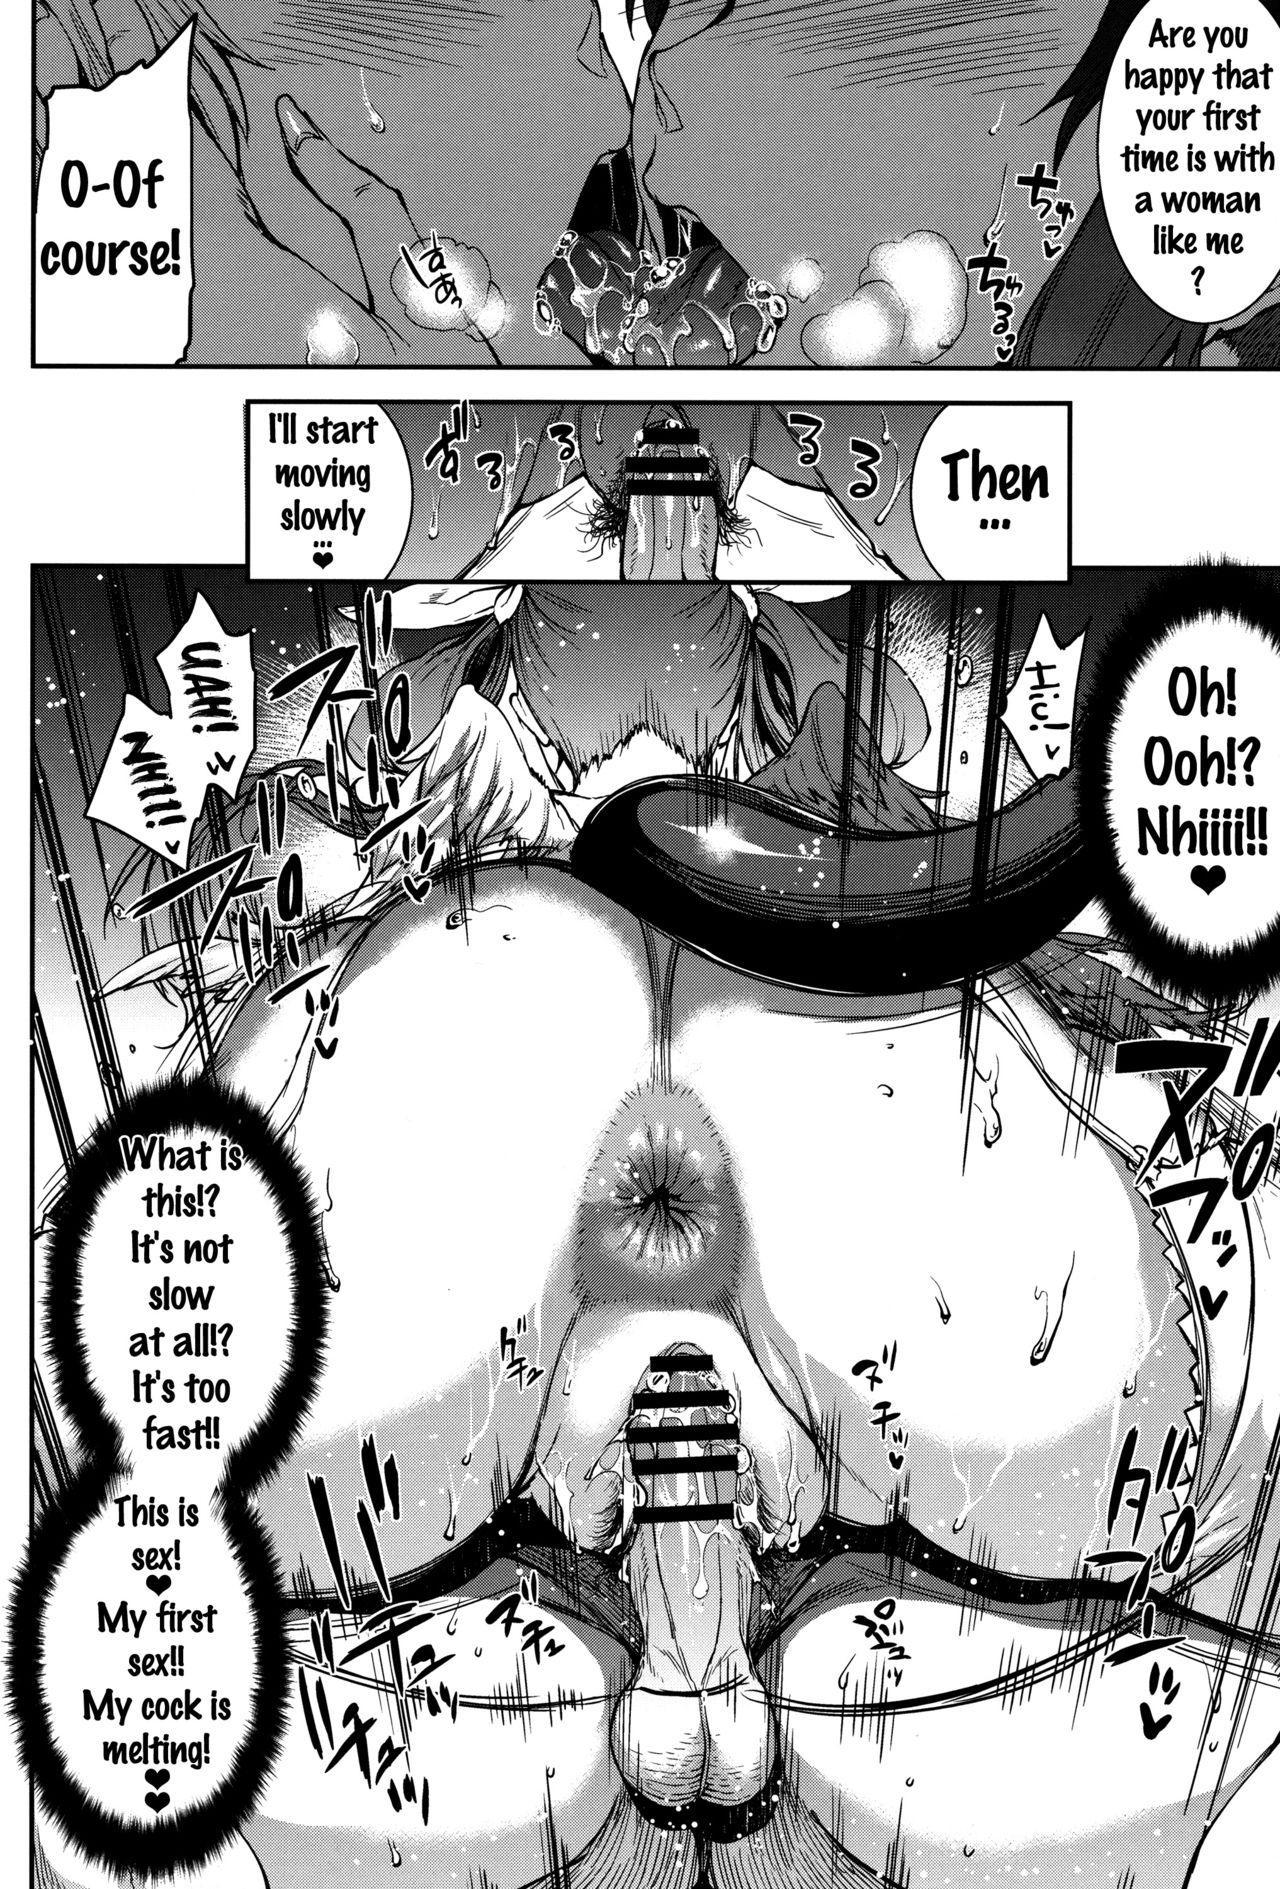 (C91) [ERECT TOUCH (Erect Sawaru)] Osanazuma Bakunyuu Nurunuru Soap-jou | Big-Breasted Soapy Massage Giving Young Wife (Guilty Gear) [English] {doujins.com} 10